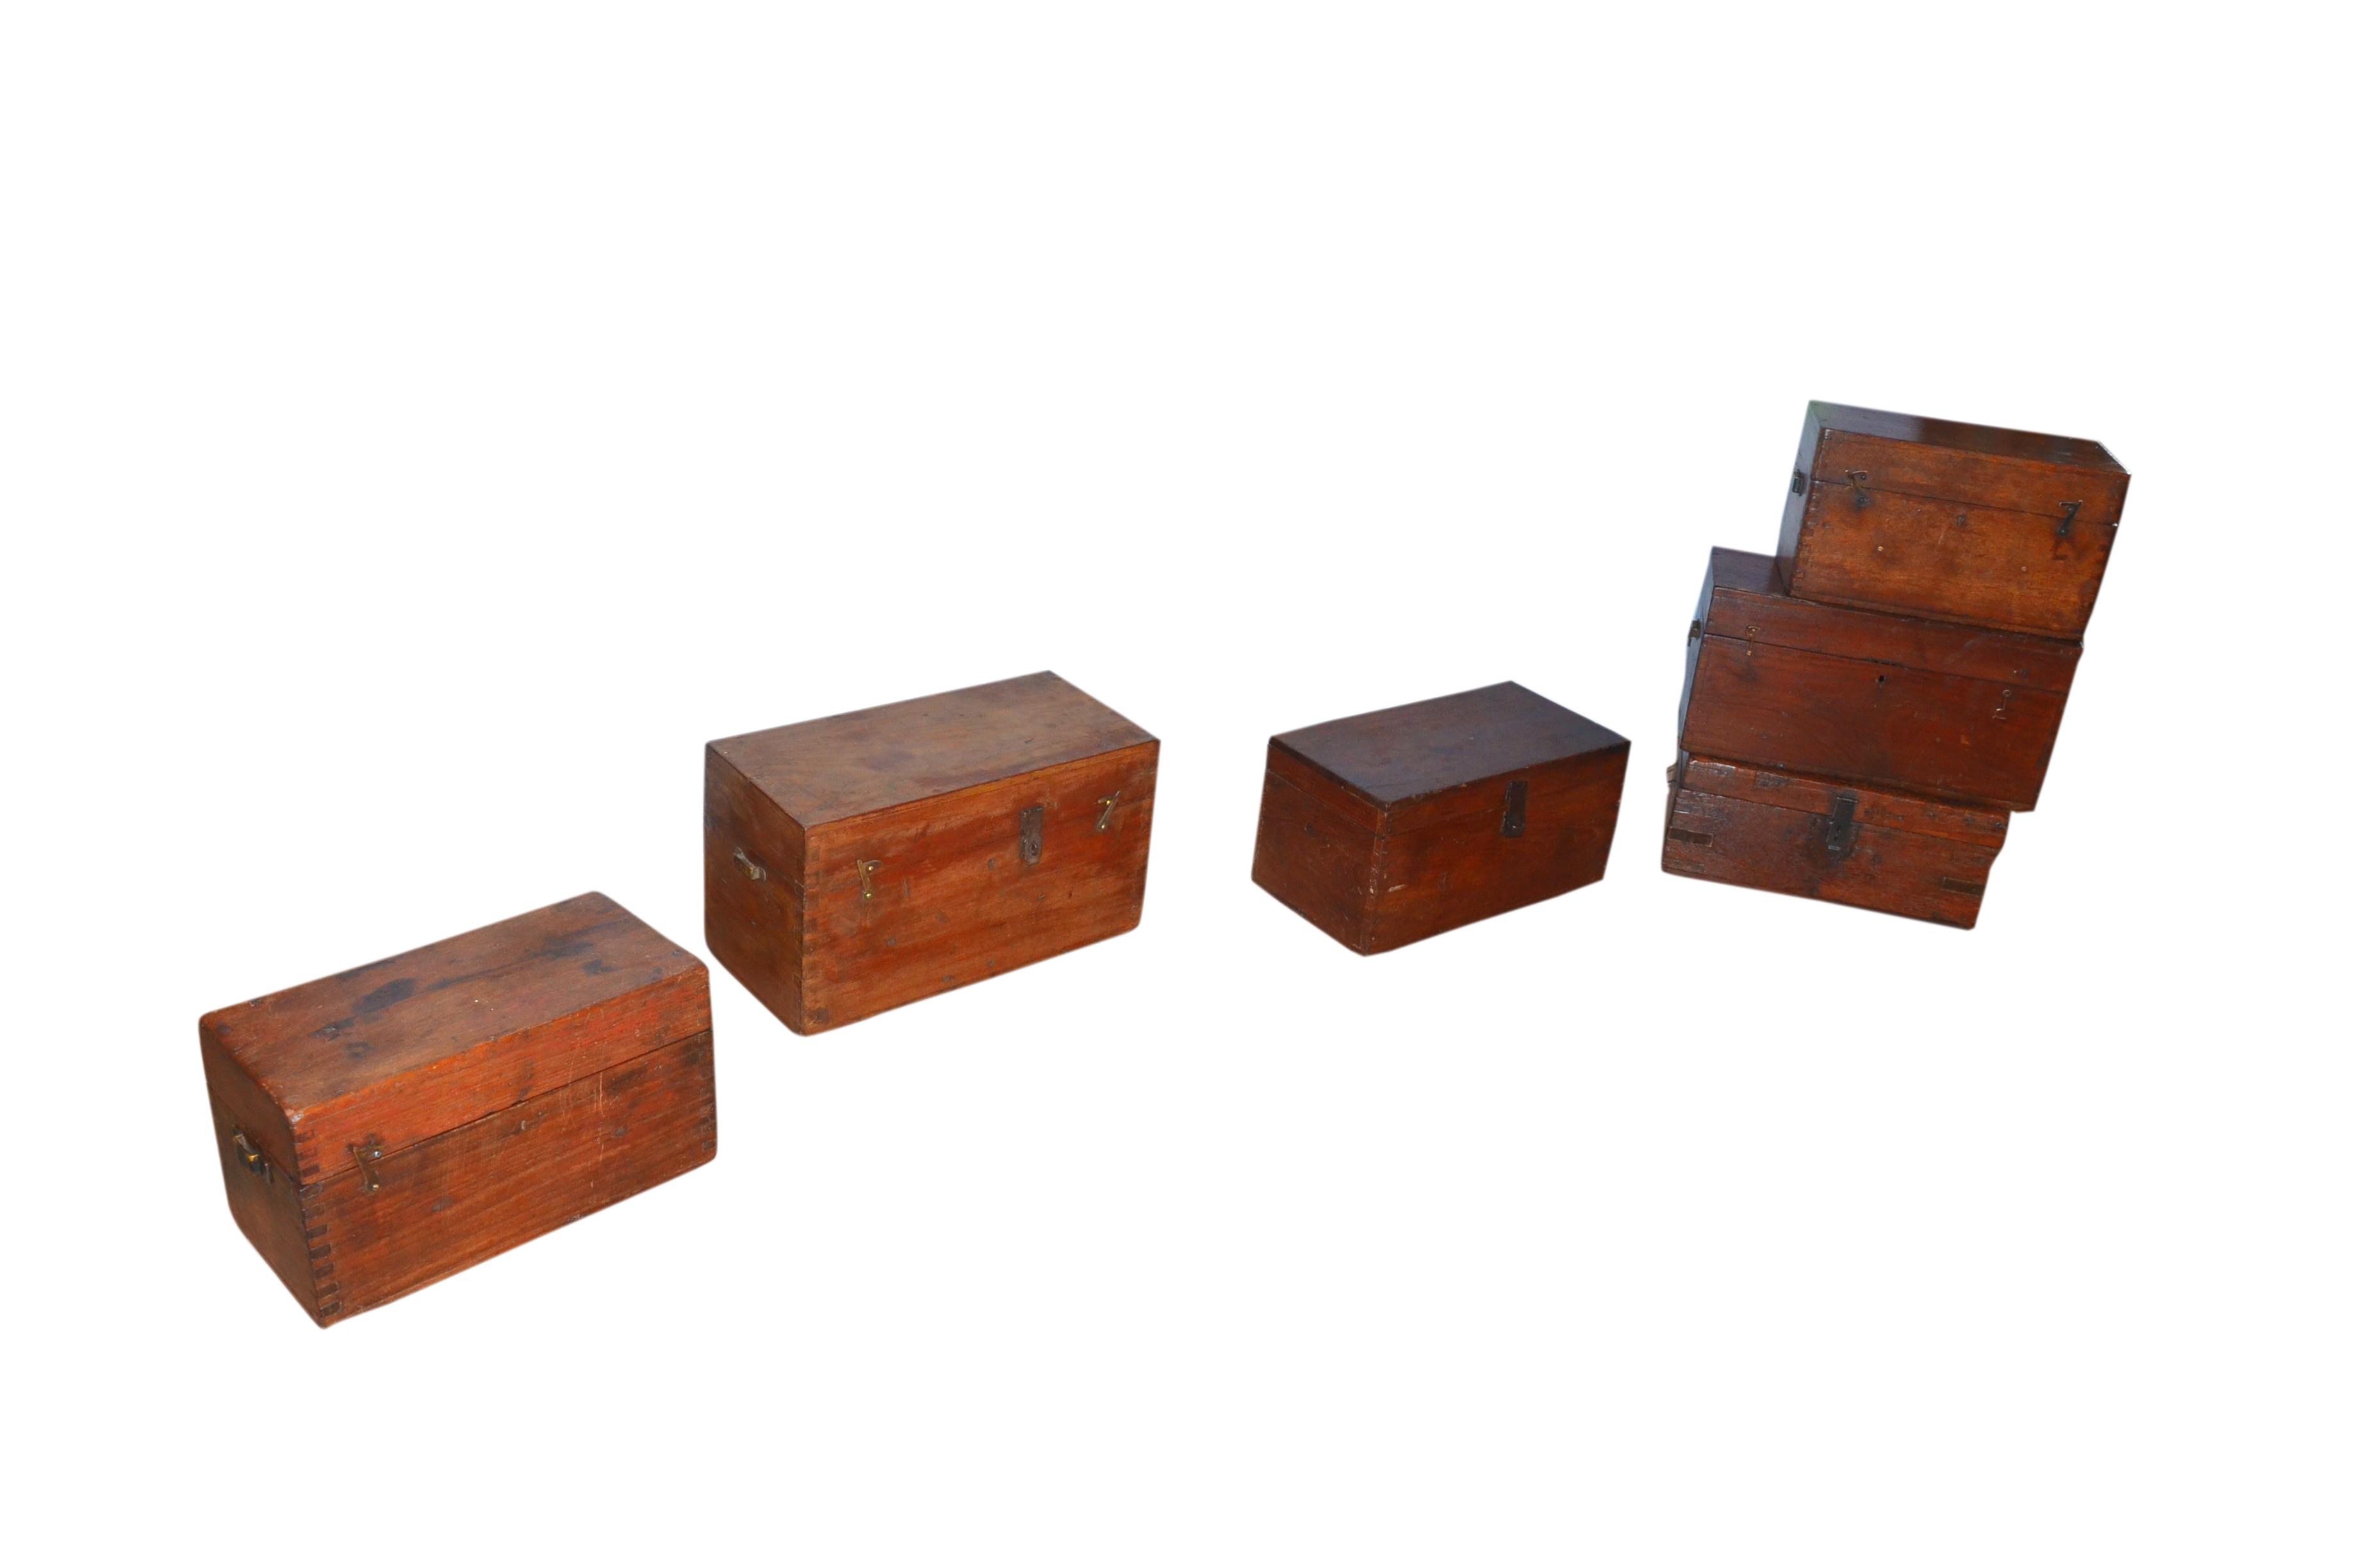 ANJO901 - 40 x 28 x 17 cm